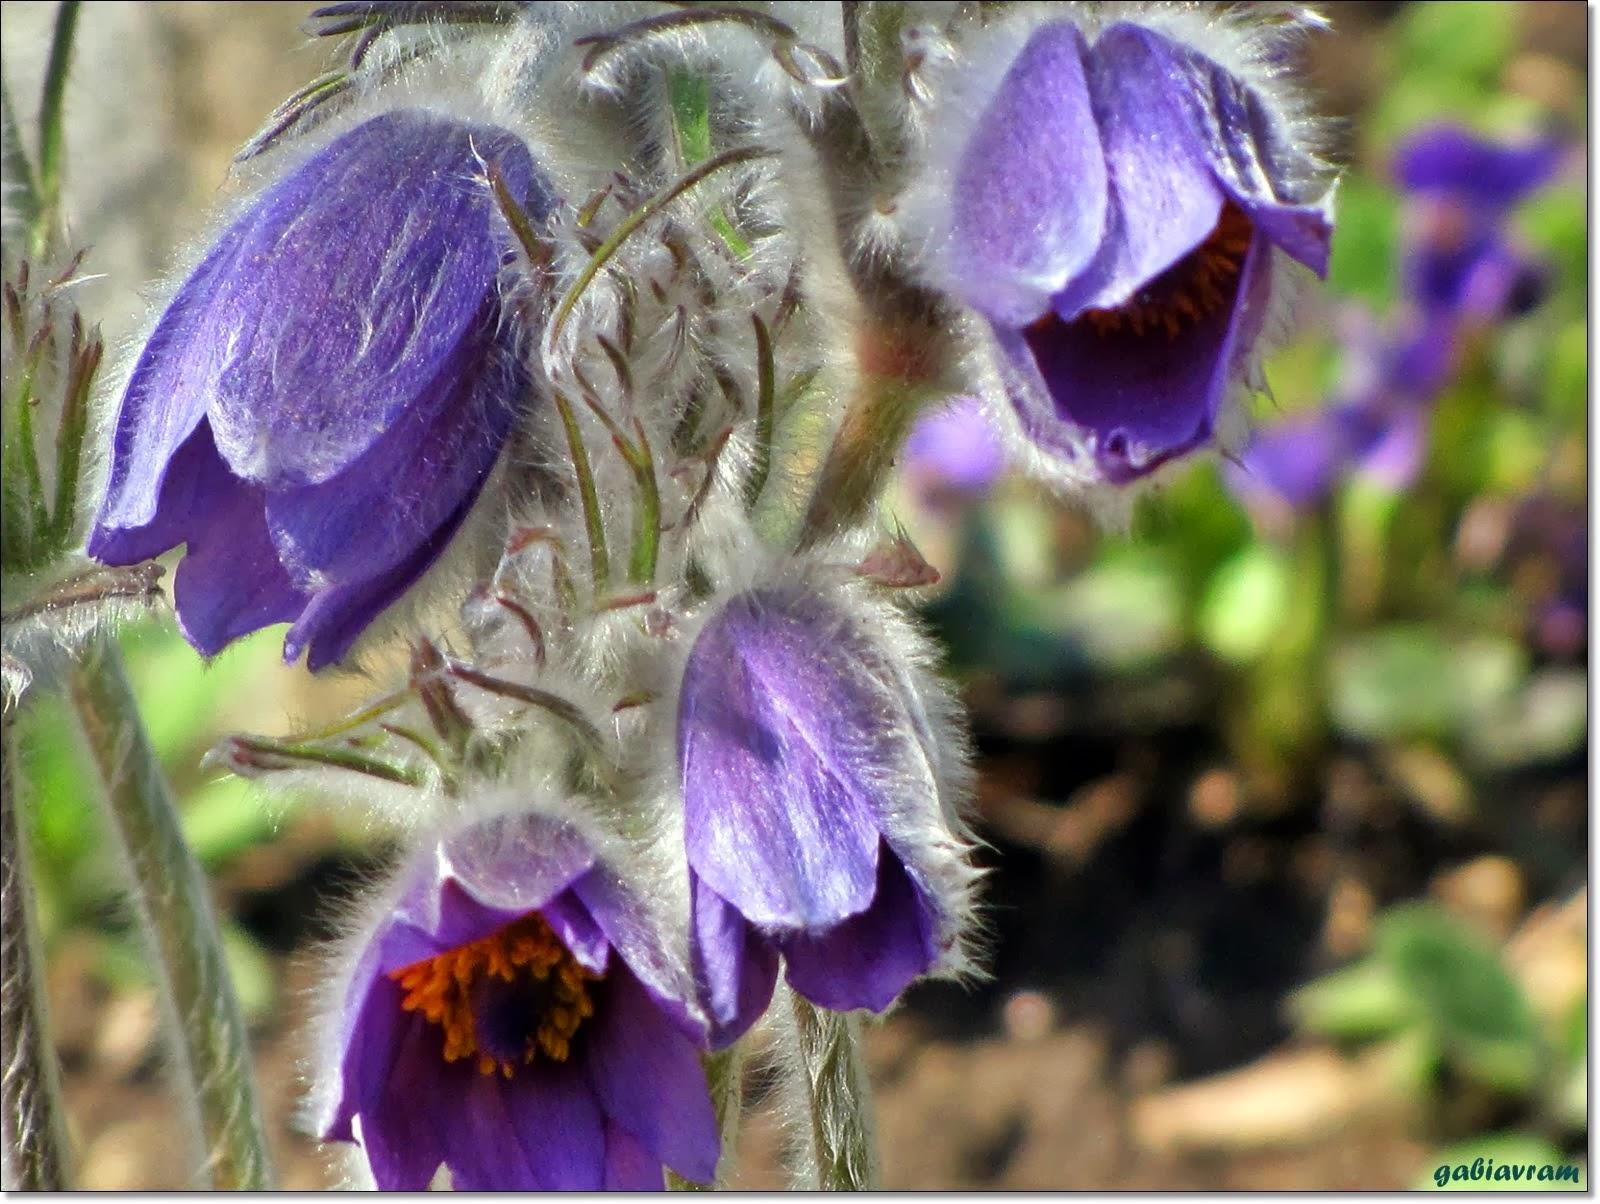 Galeria mea cu FLORI (My flowers gallery)